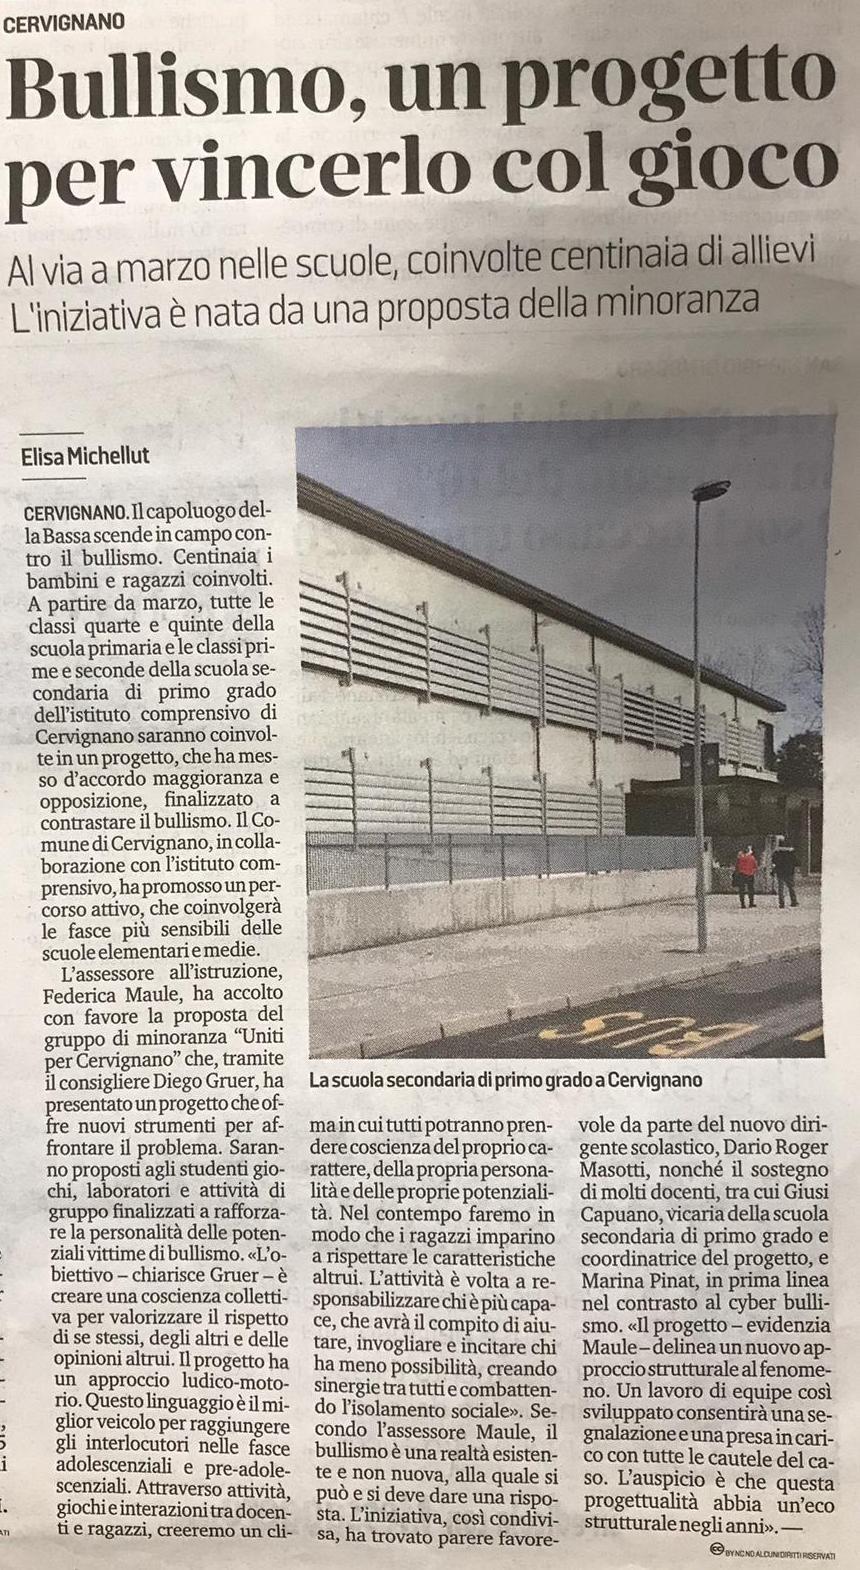 2019.01.31- Messaggero - Bullismo, un progetto per vincerlo